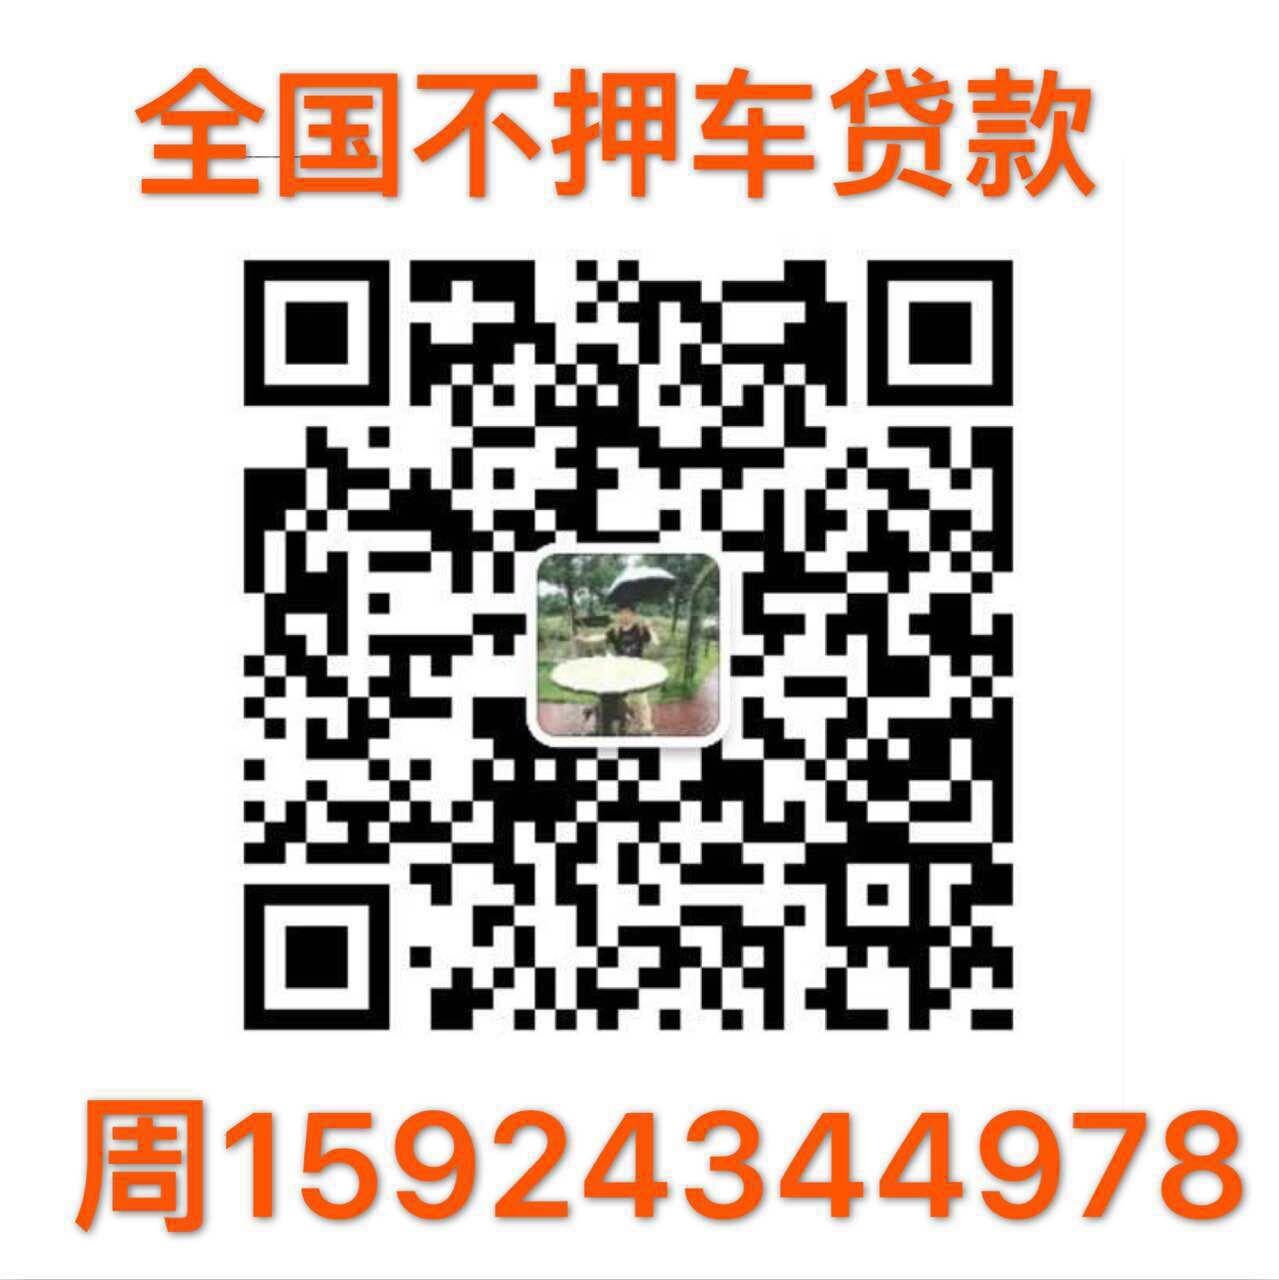 成都大邑县可以办理吗 不押车贷款公司 便捷333